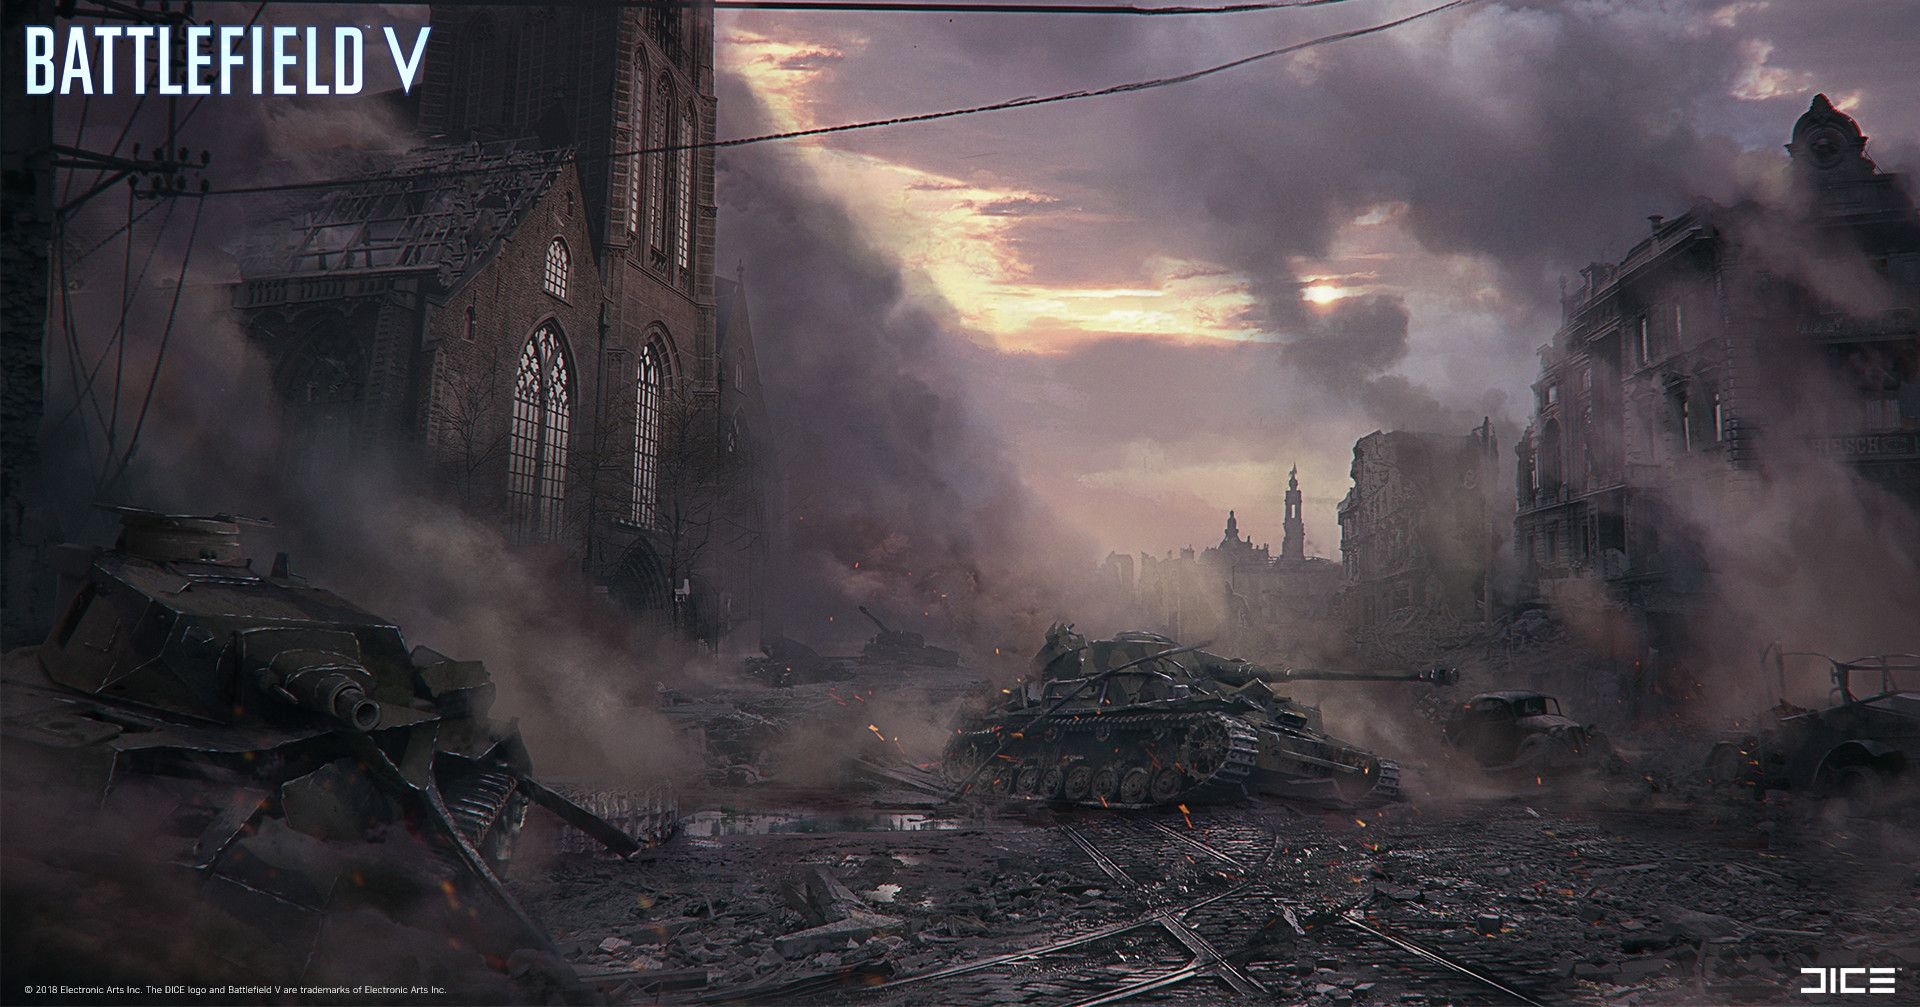 ArtStation - Battlefield V - Concept Art, Johannes Palmblad | Concept art, Battlefield, Art